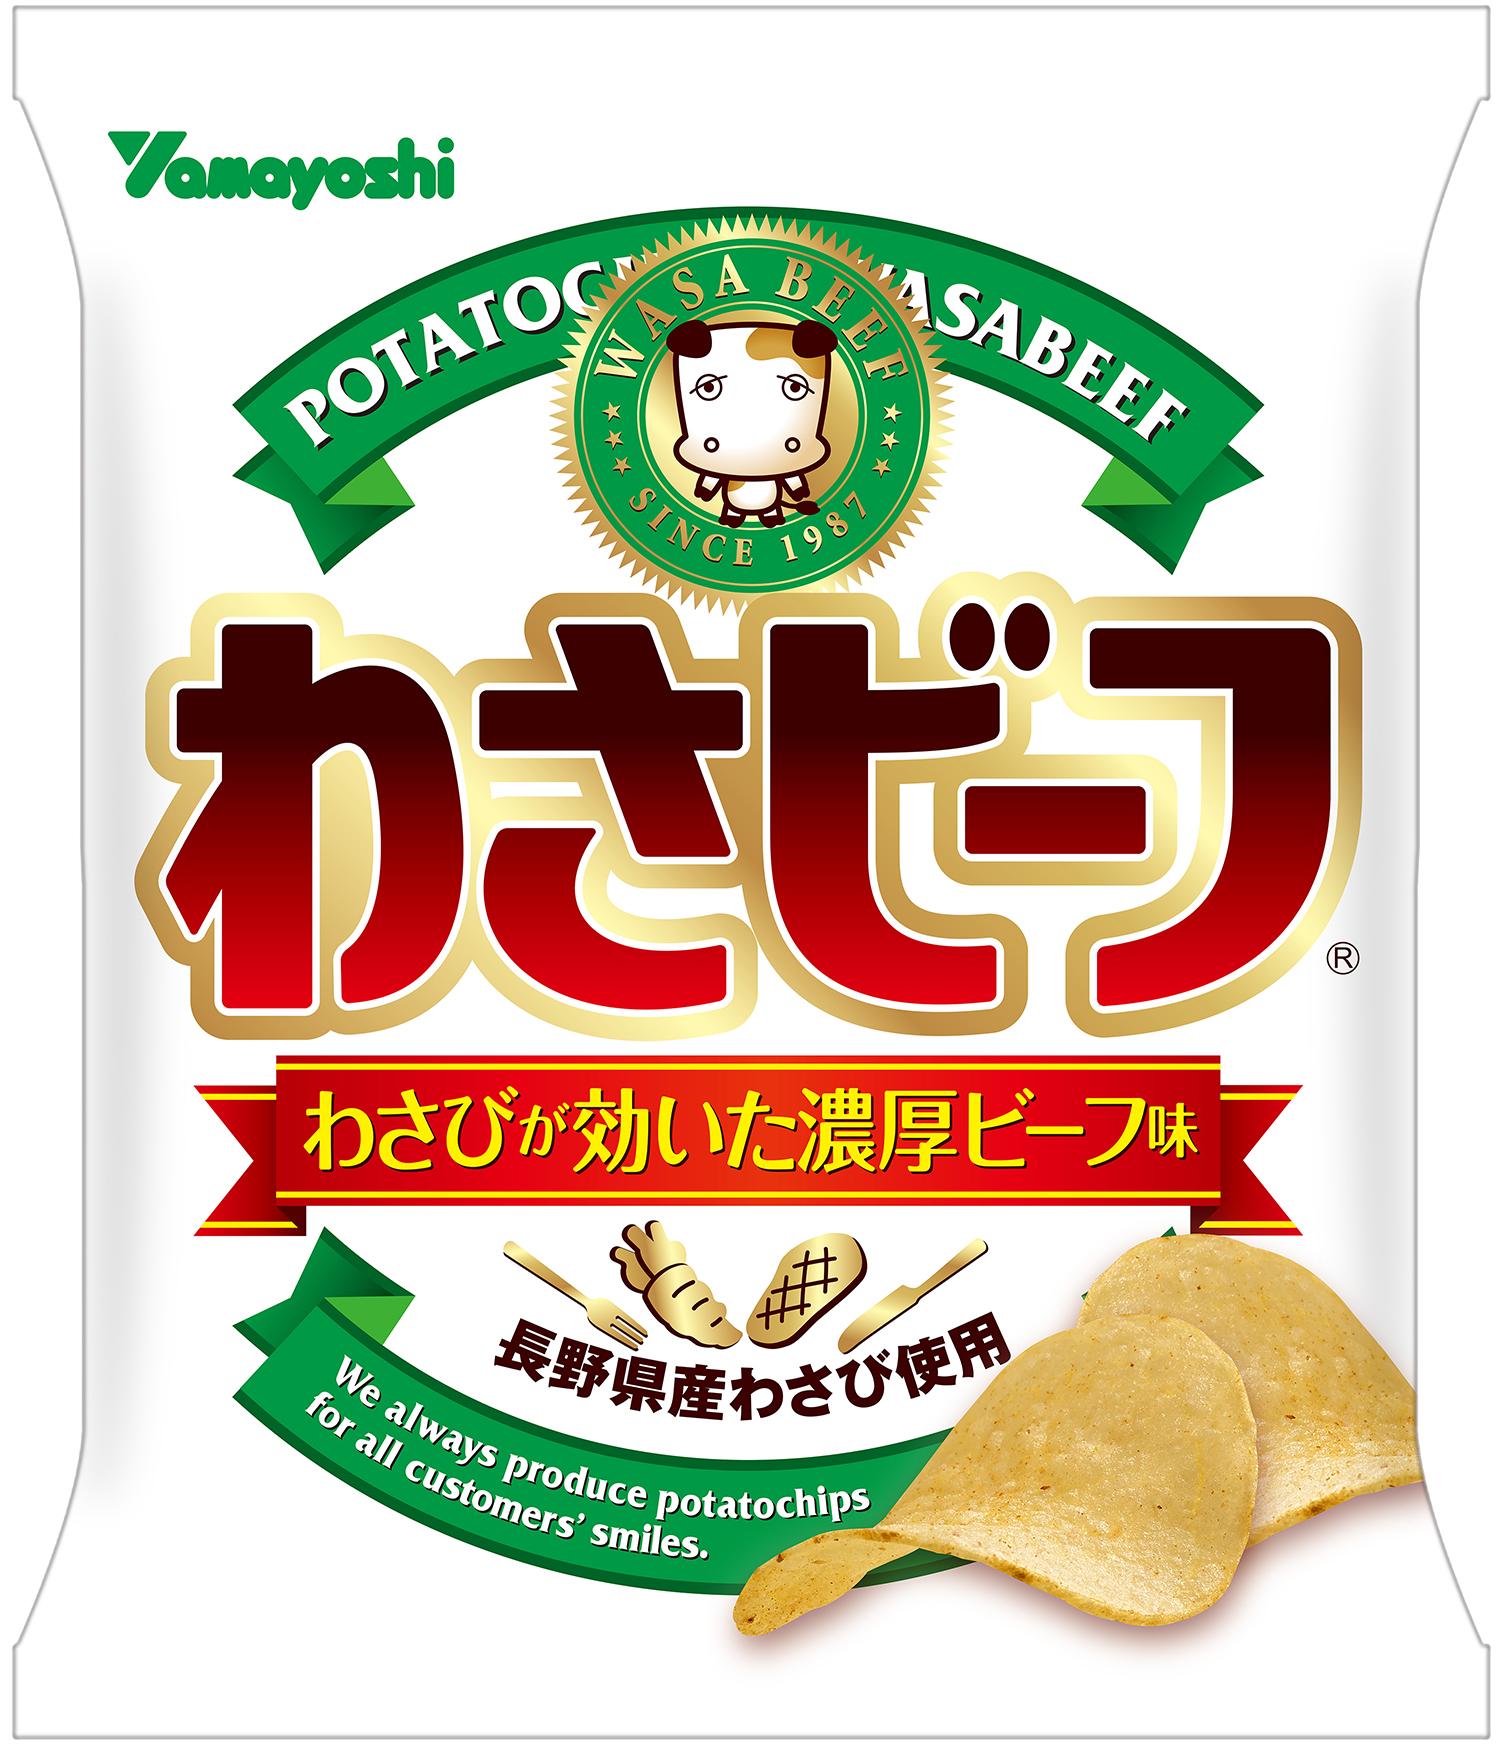 山芳製菓『ポテトチップス わさビーフ』商品パッケージ